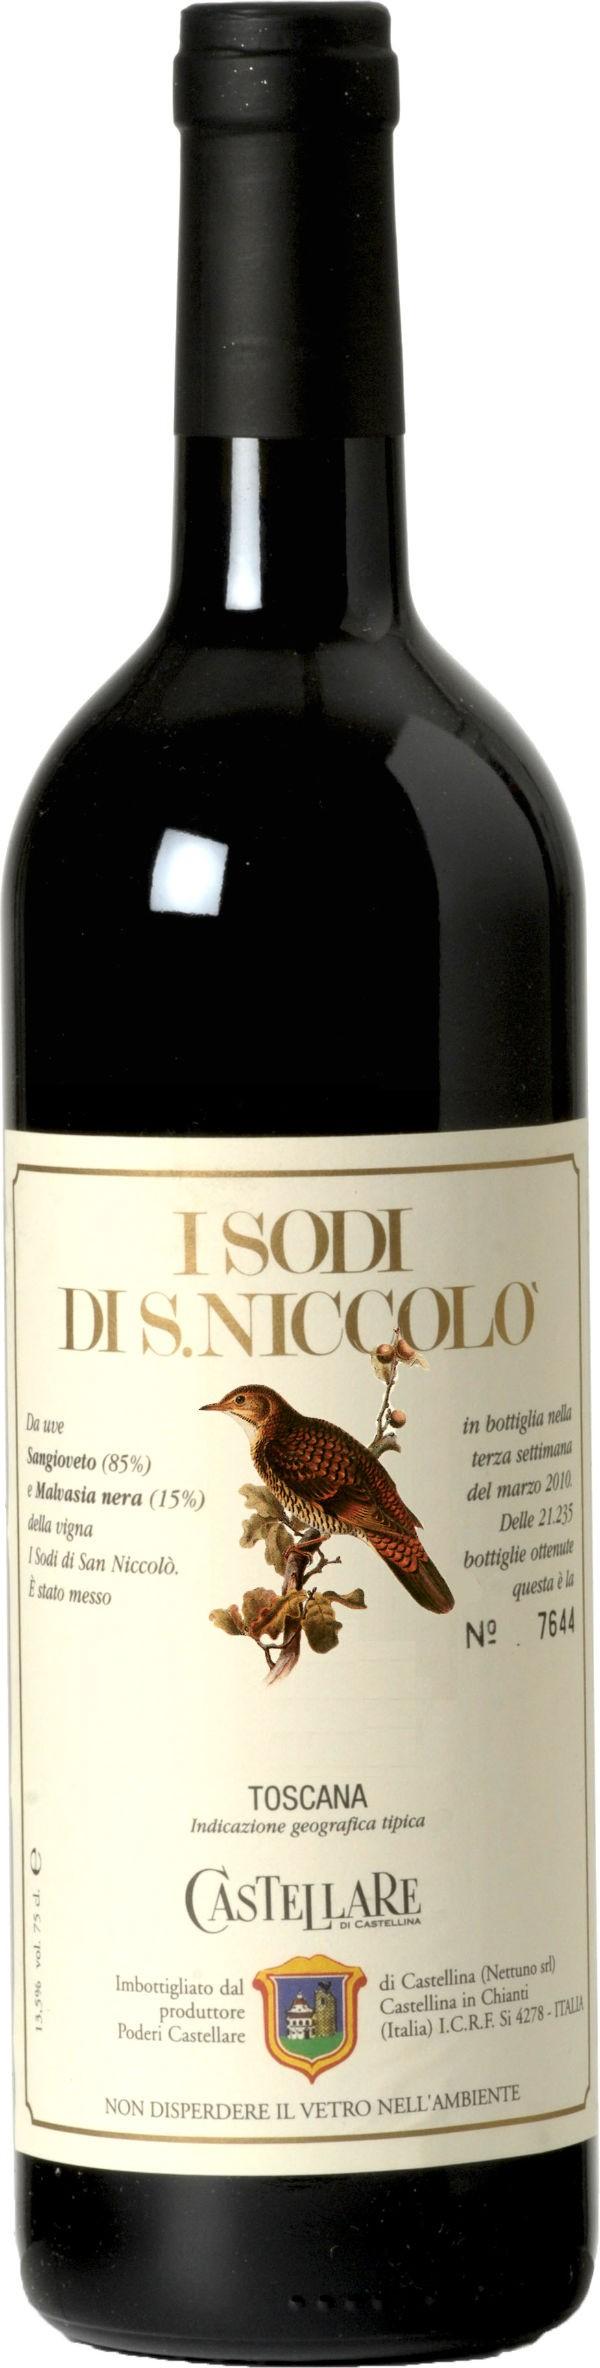 Castellare di Castellina - I Sodi di San Niccolo Magnum, 2008